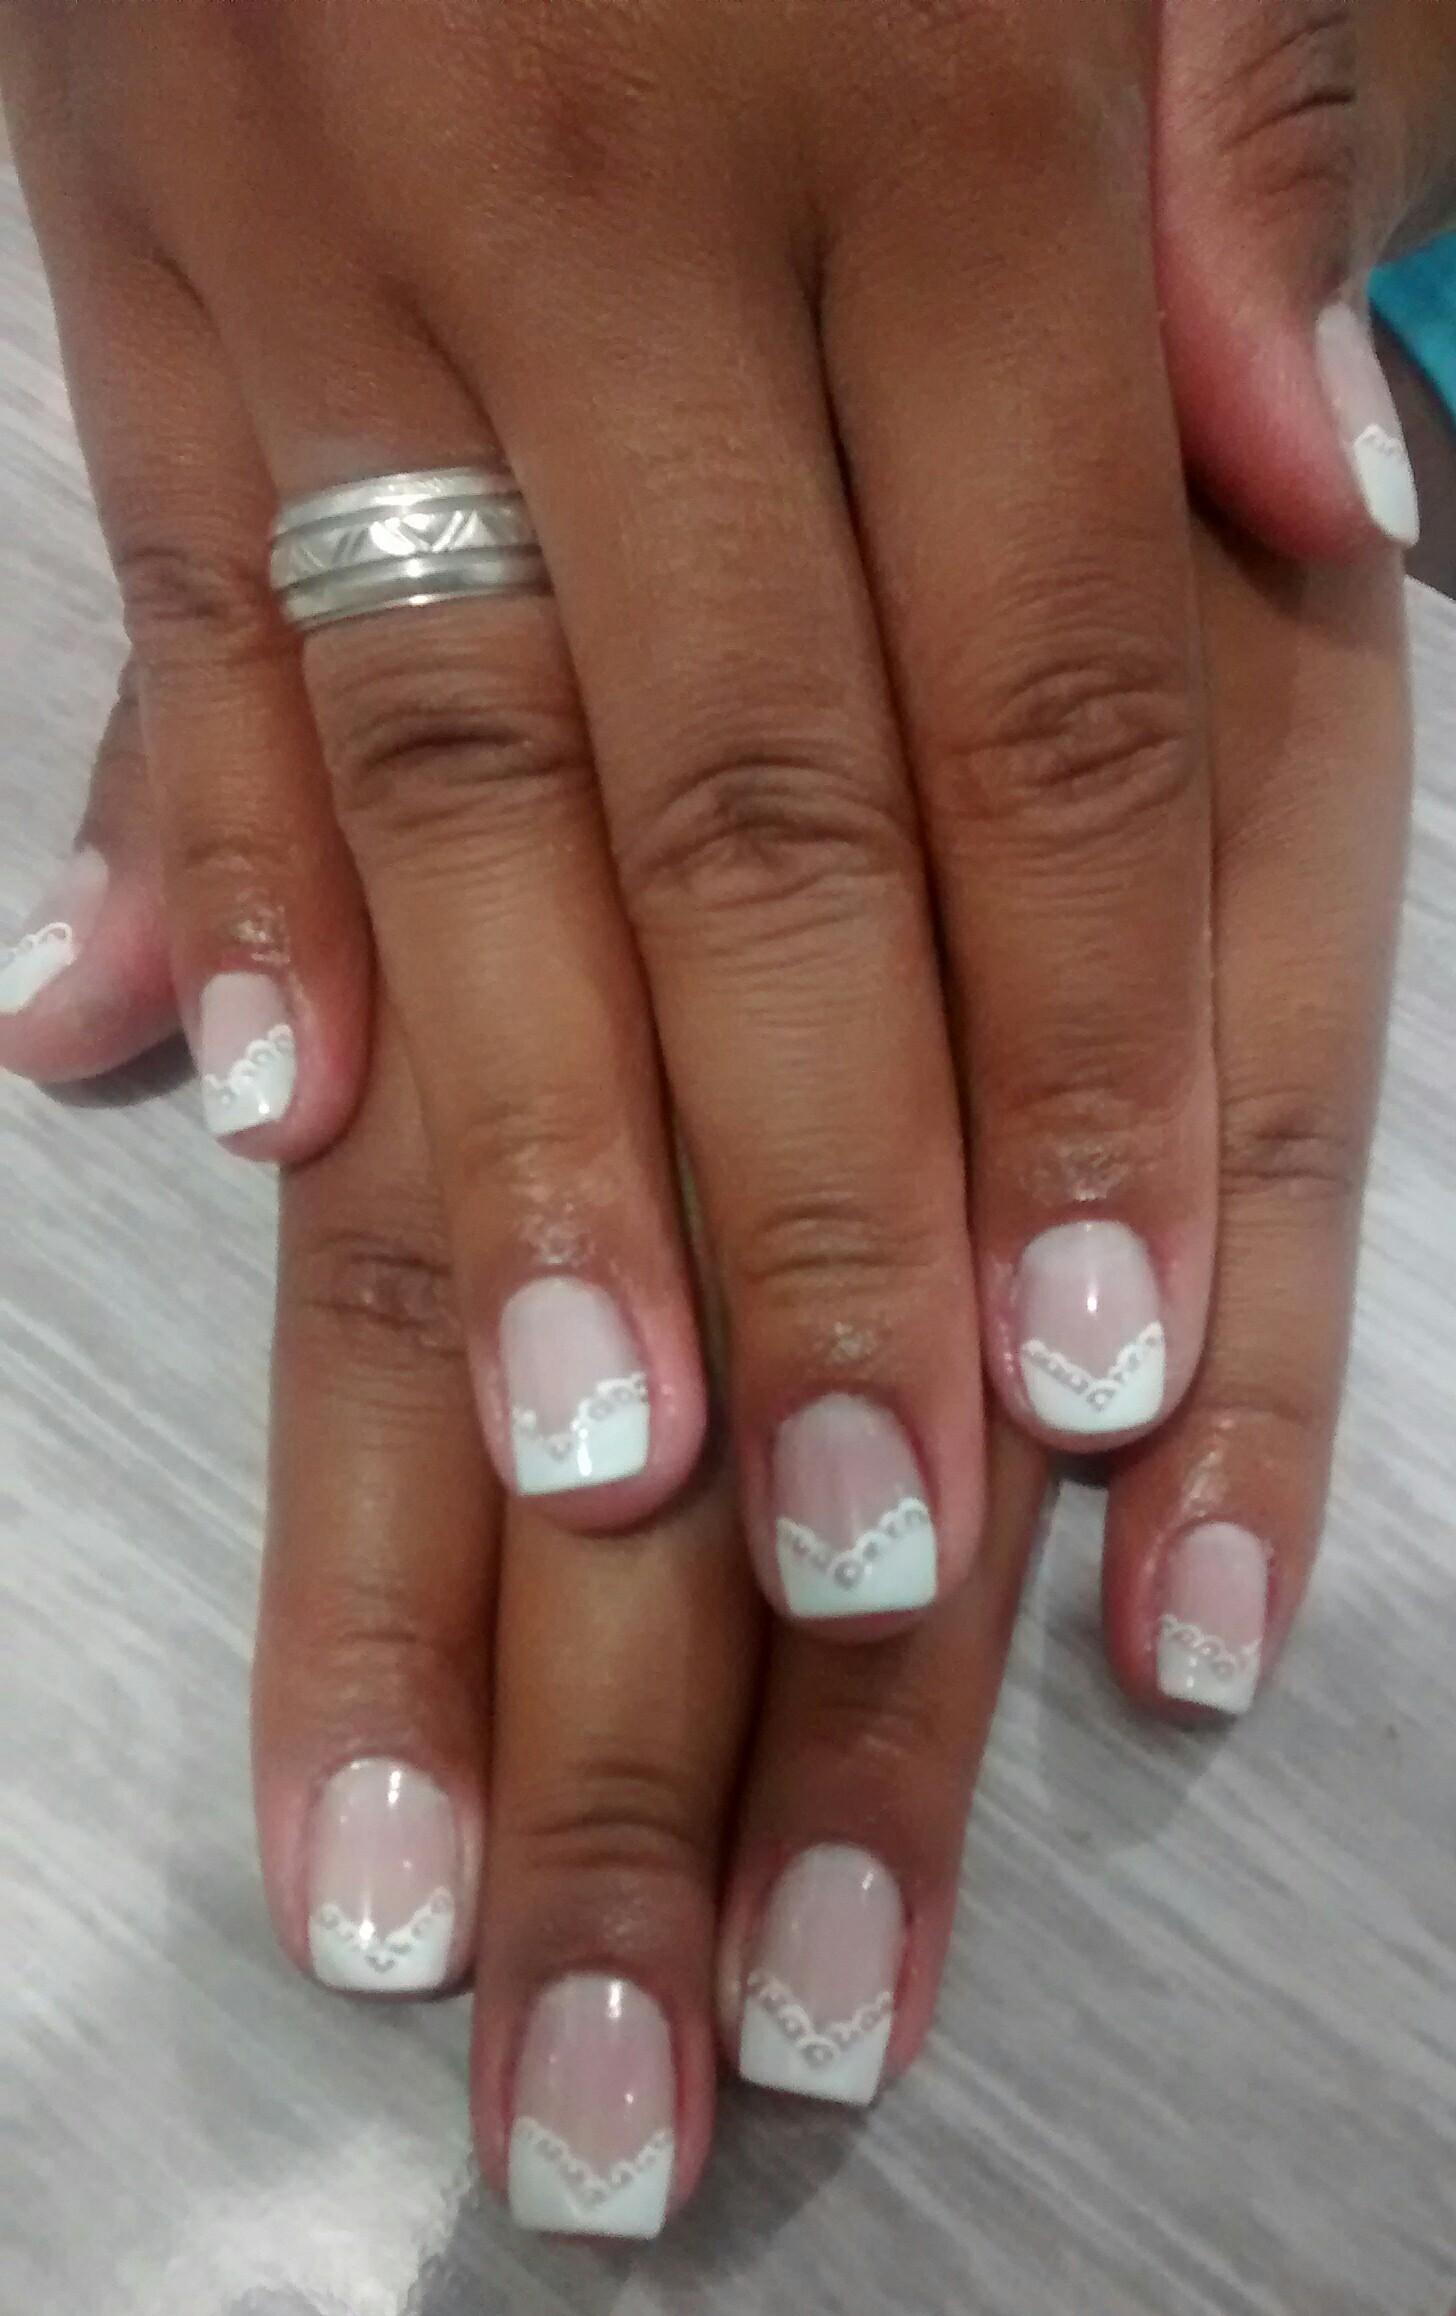 #UnhasDecoradas  #Francesinha Diagonal #Noiva#NailArt   #DecoradaaMão#Esmalte unhas  manicure e pedicure